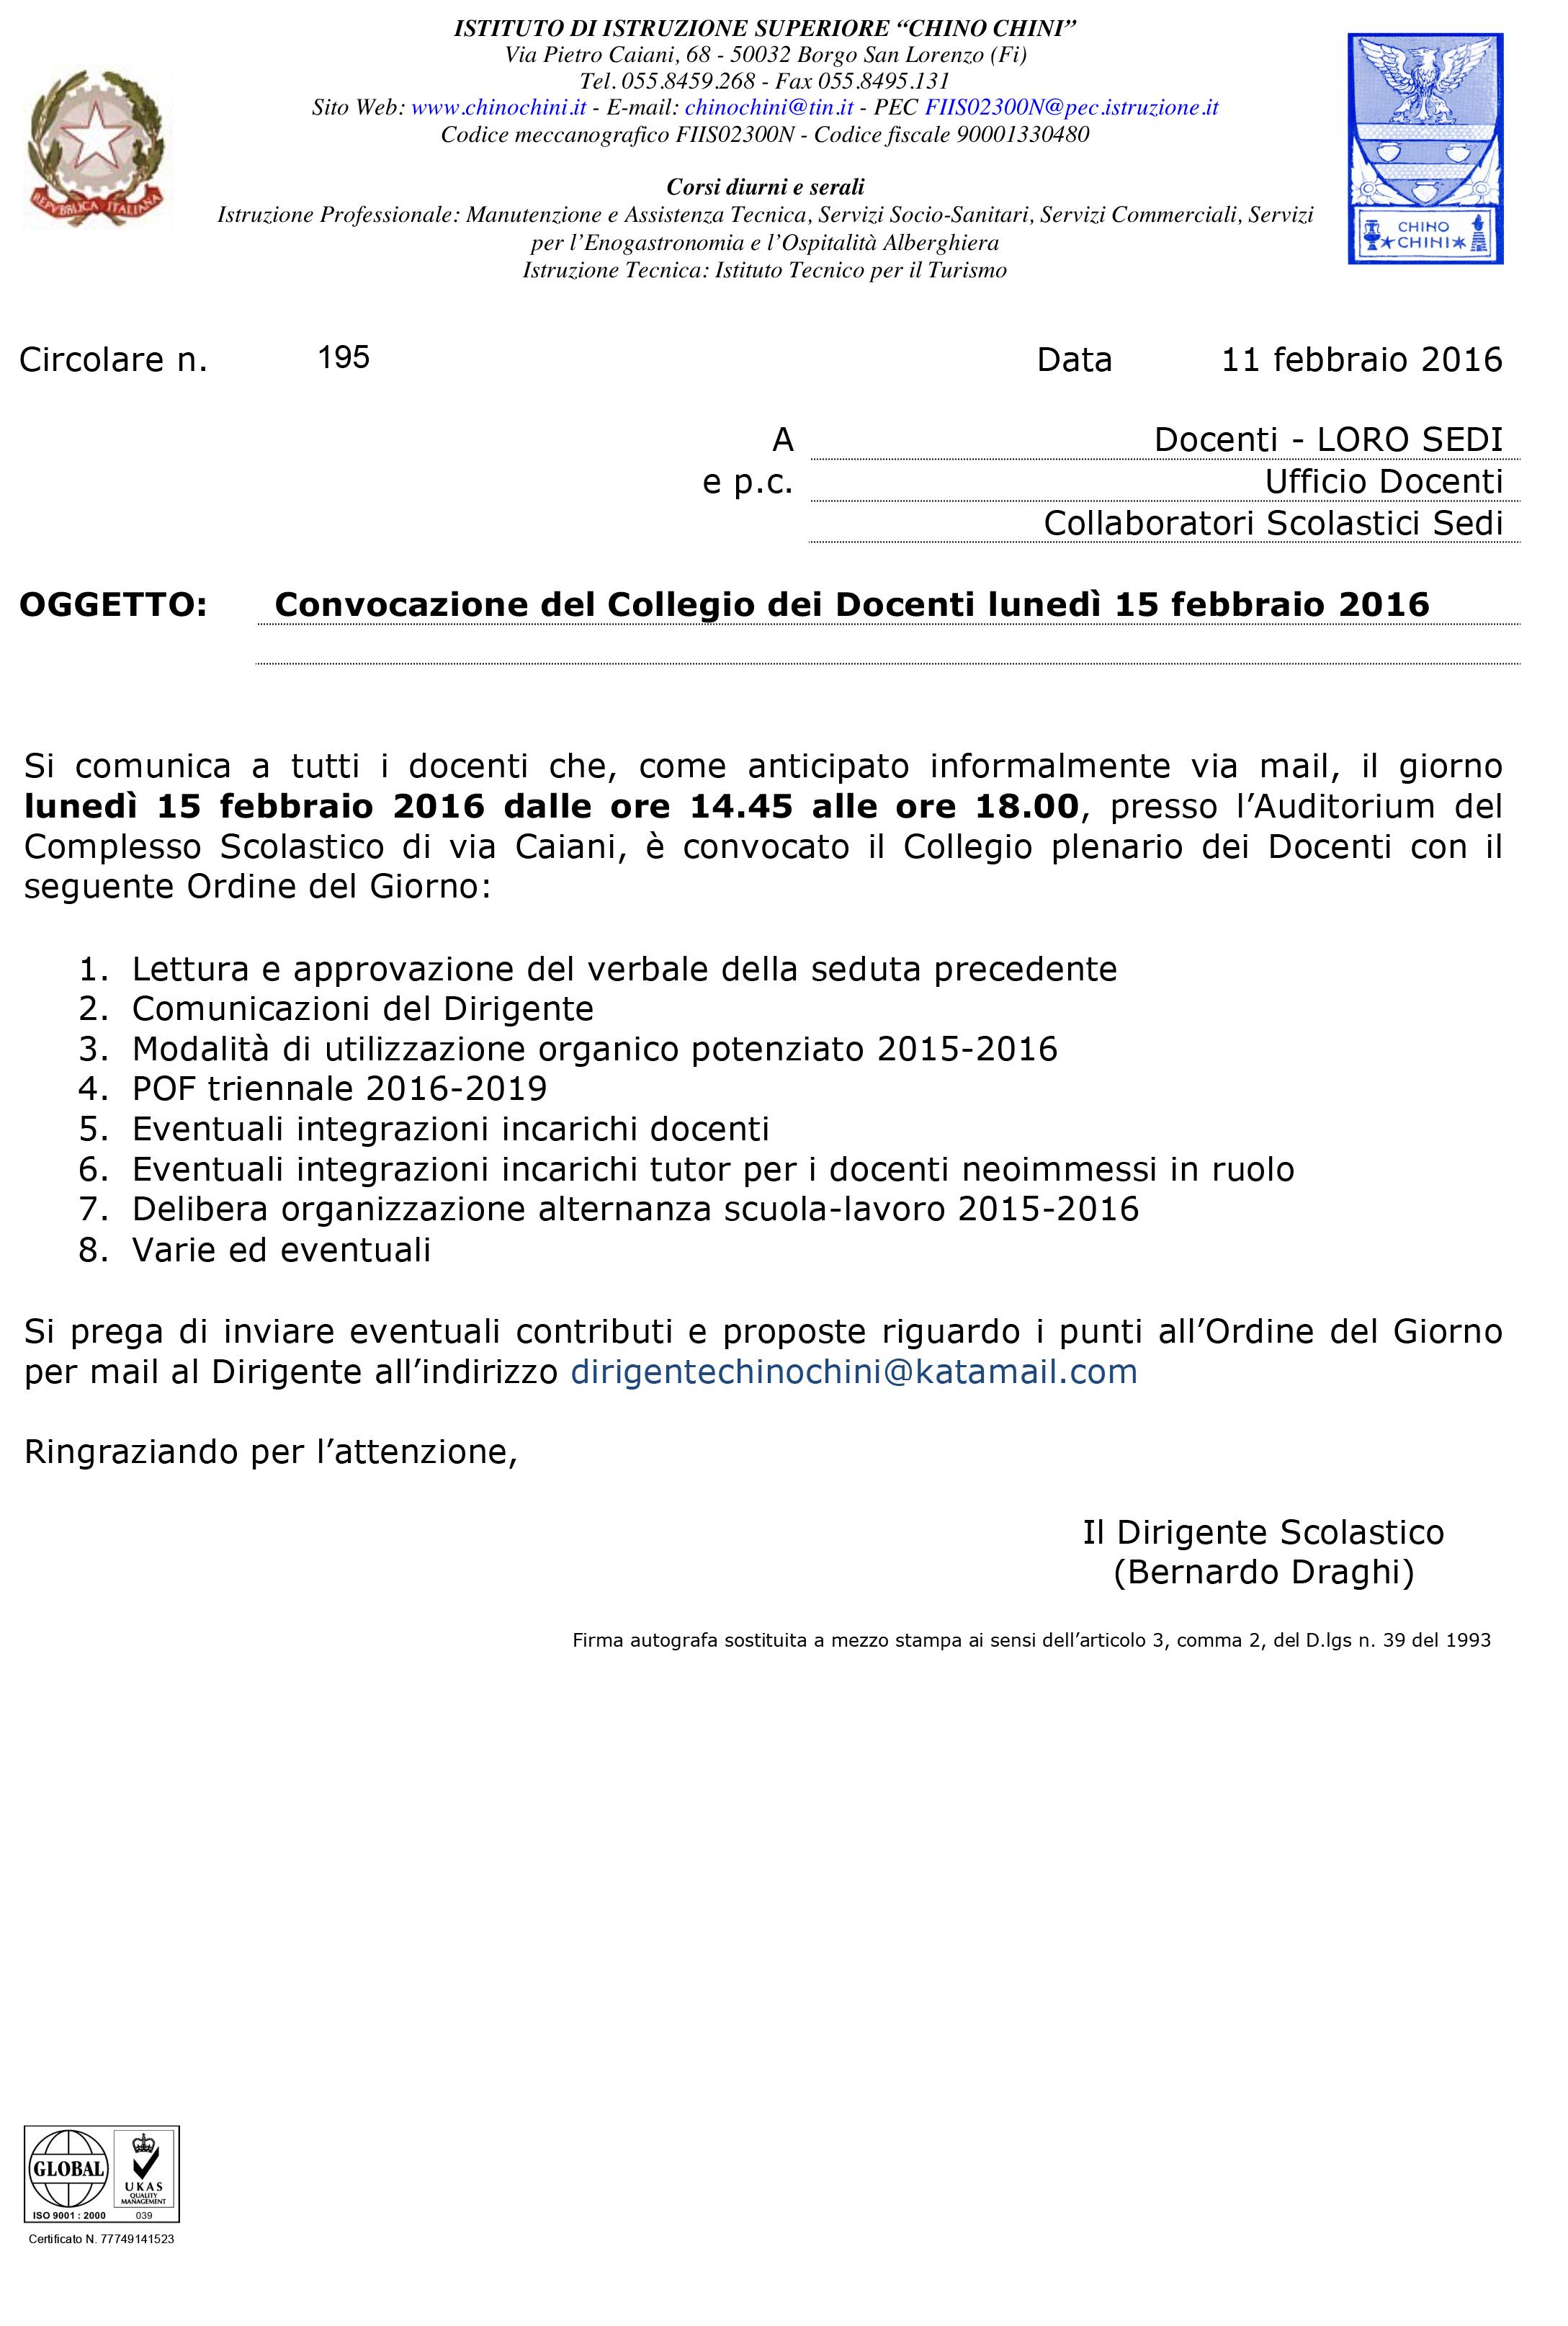 ConvocazioneCollegio_150216_rev0